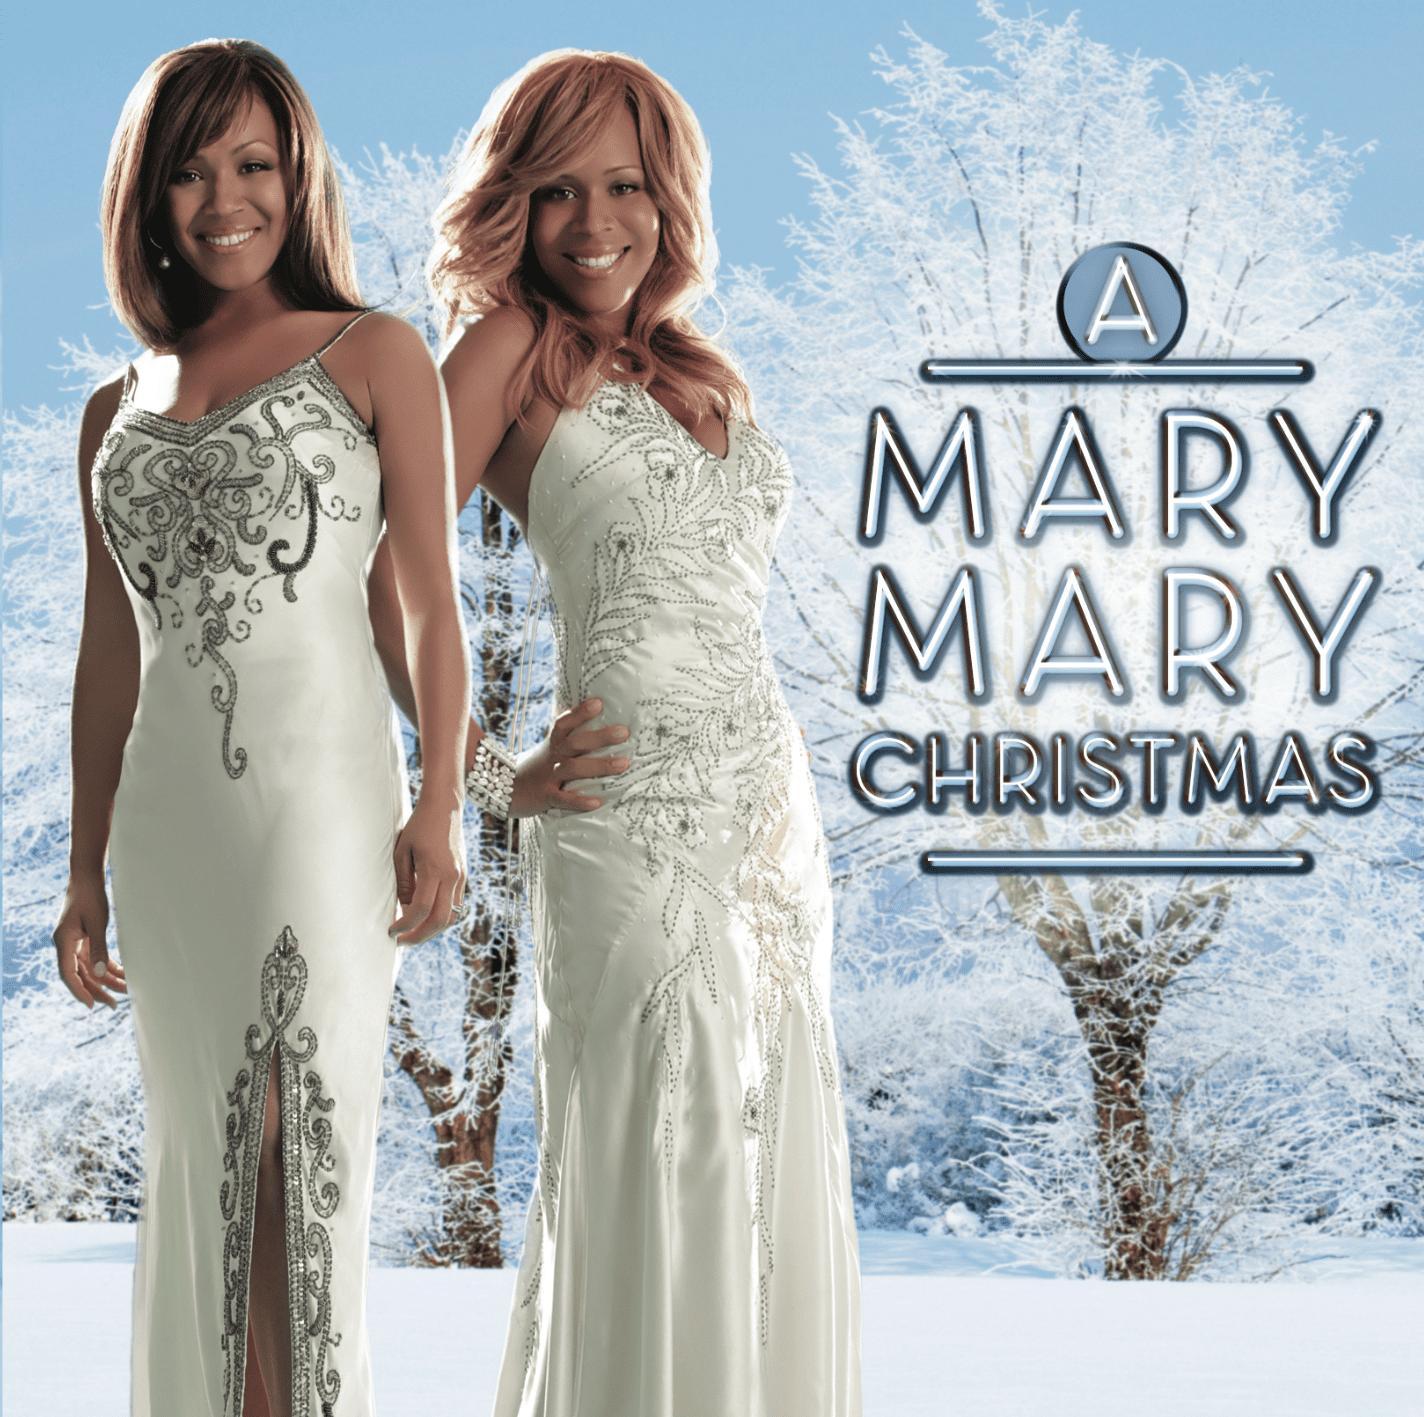 Mary Mary Christmas album cover.